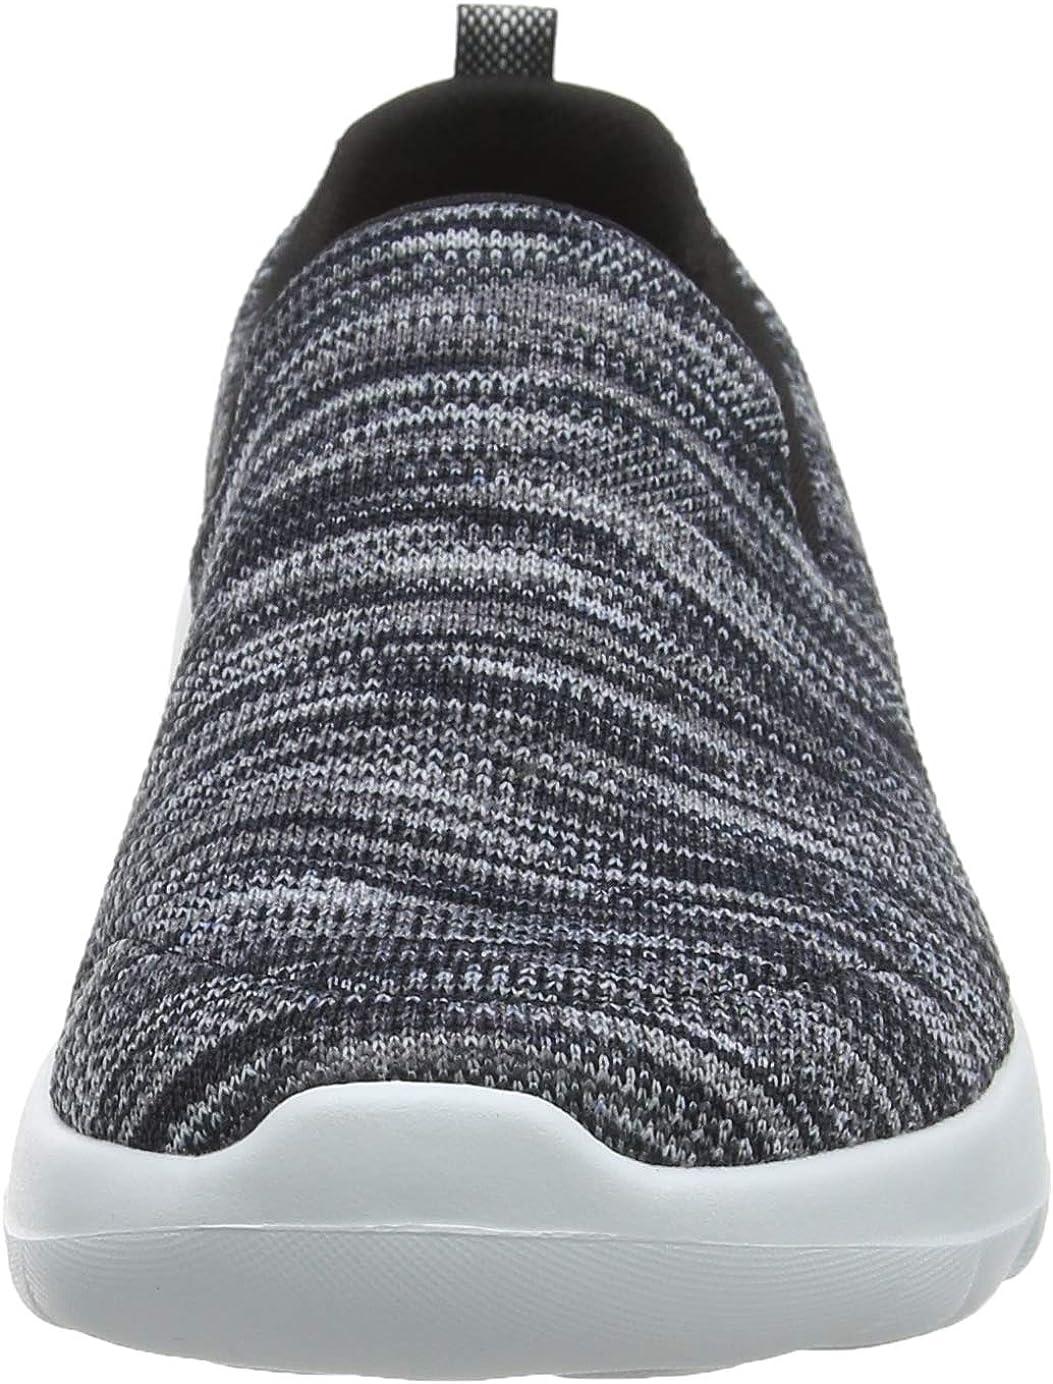 Skechers Women's Performance, Gowalk Joy Terrific Slip on Walking Shoes Black/Grey